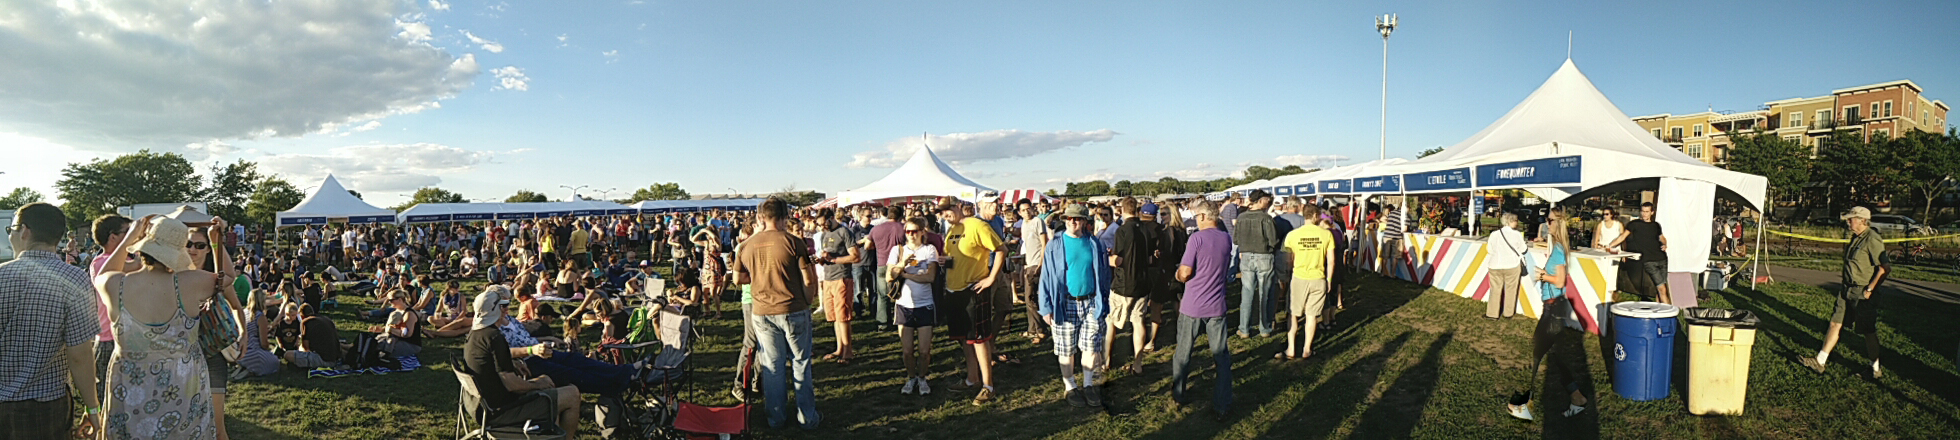 Panoramic view of Yum Yum Fest 2014.